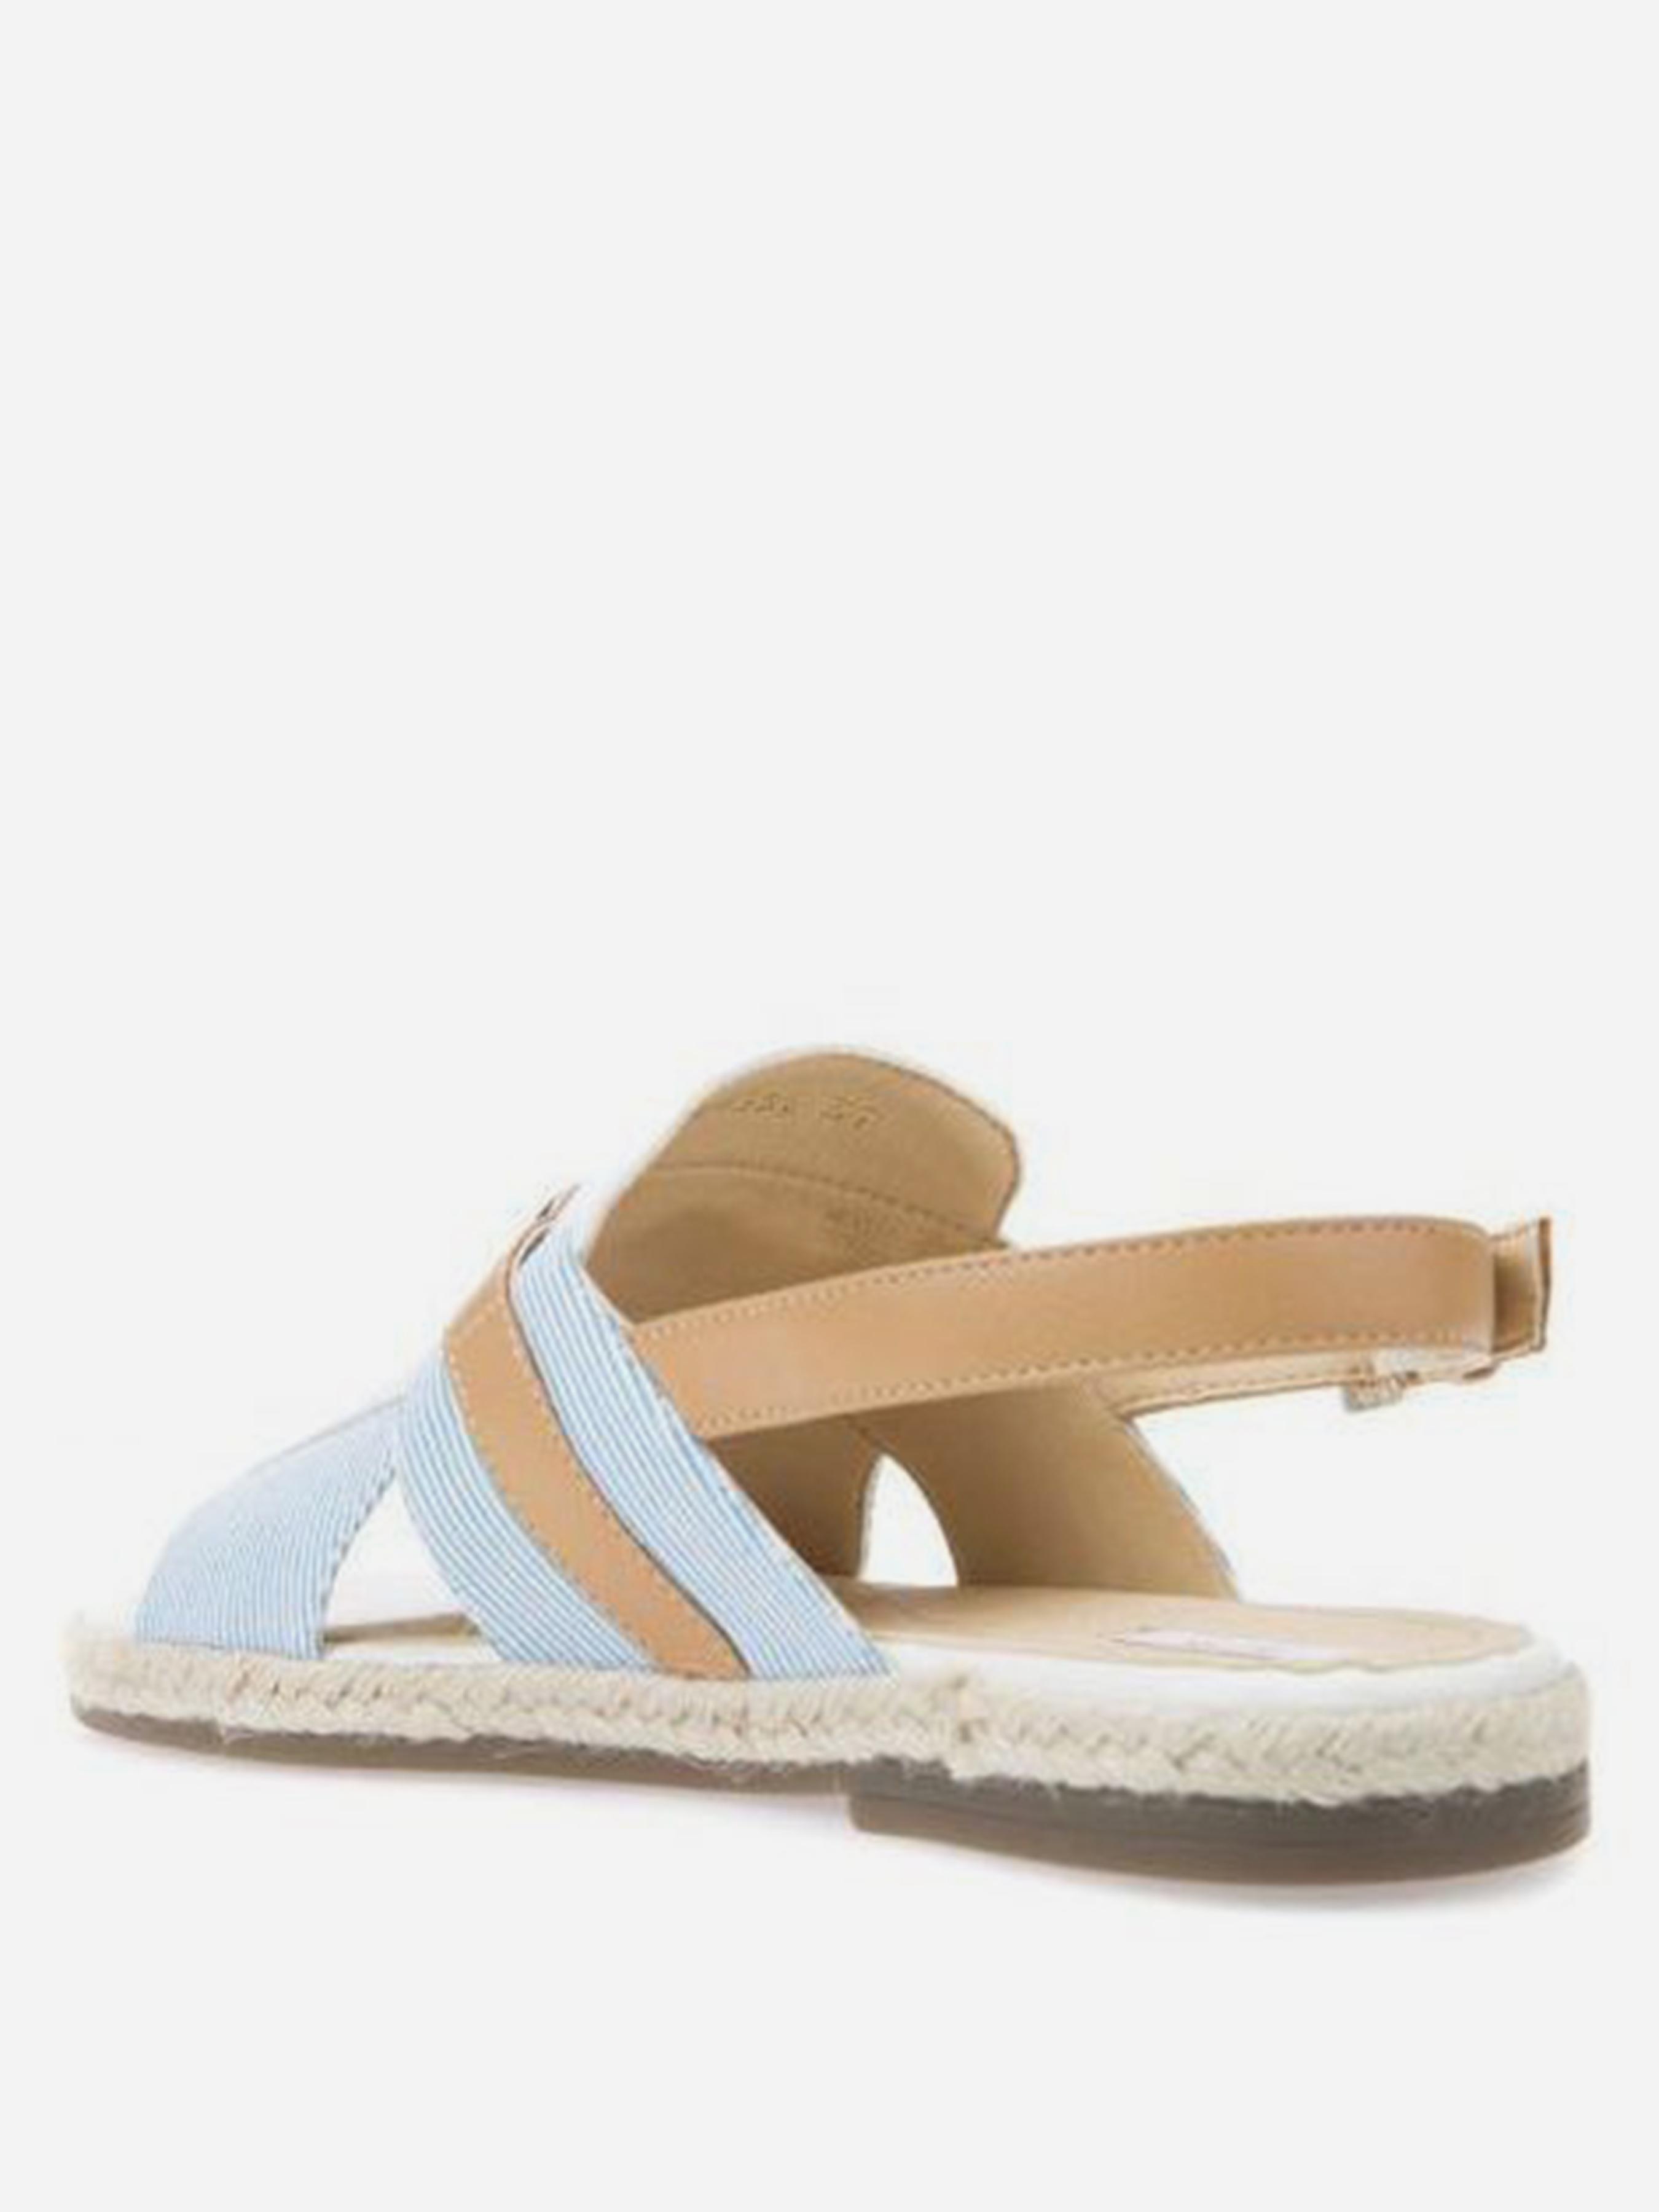 Сандалии для женщин Geox D KOLLEEN E - TELA ST.+NAPPA XW3299 брендовая обувь, 2017